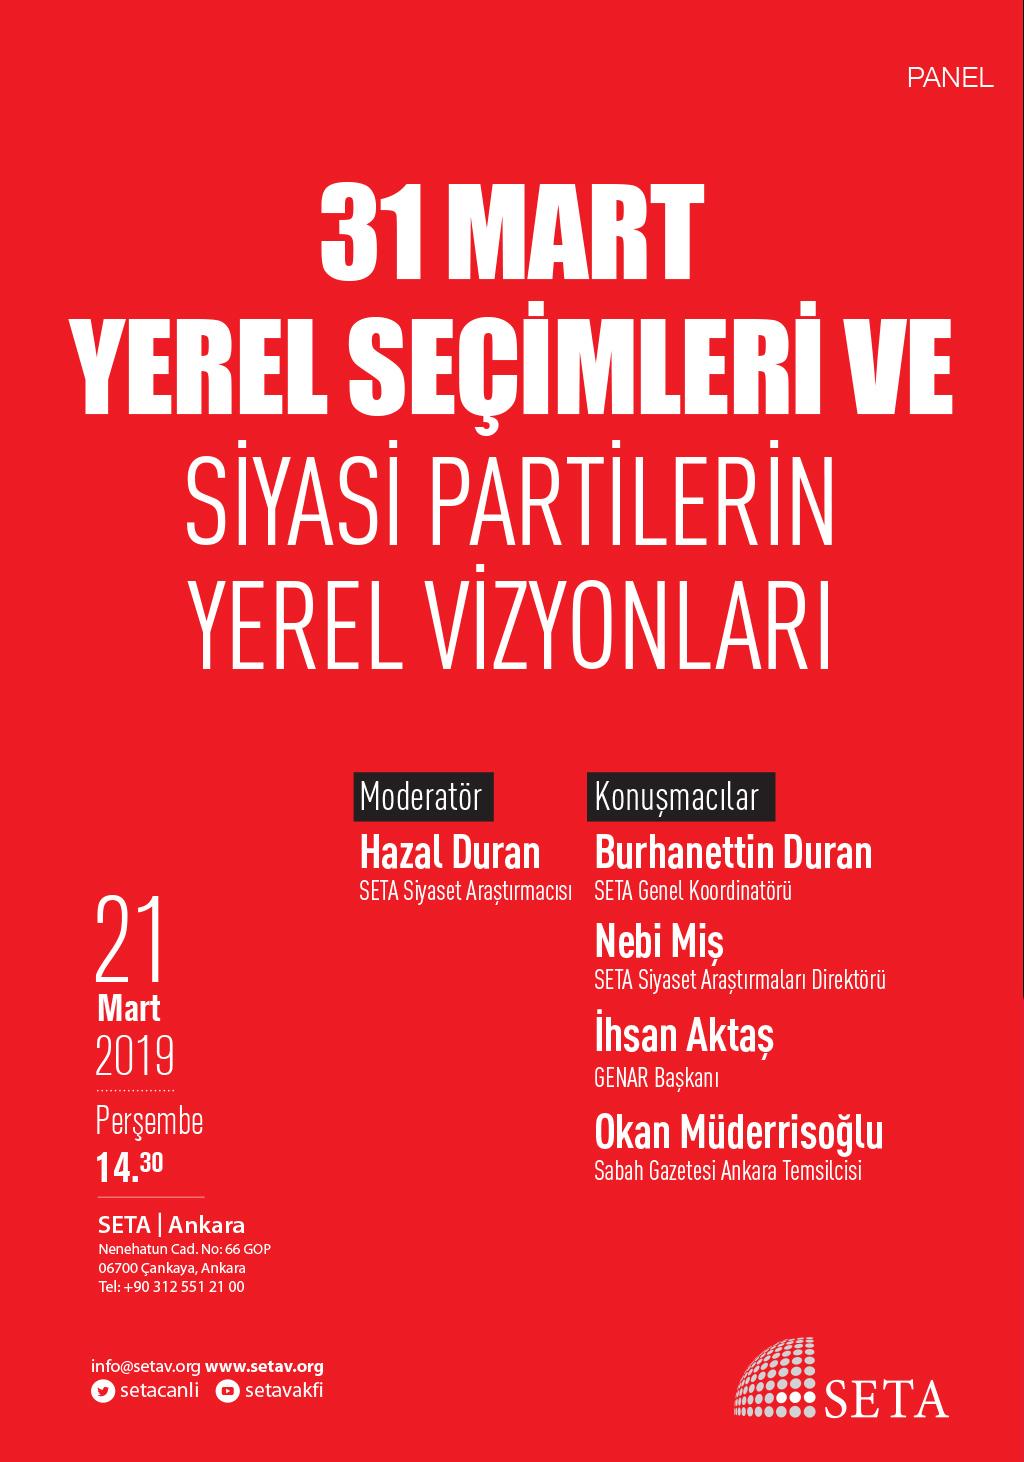 Panel: 31 Mart Yerel Seçimleri ve Siyasi Partilerin Yerel Vizyonu